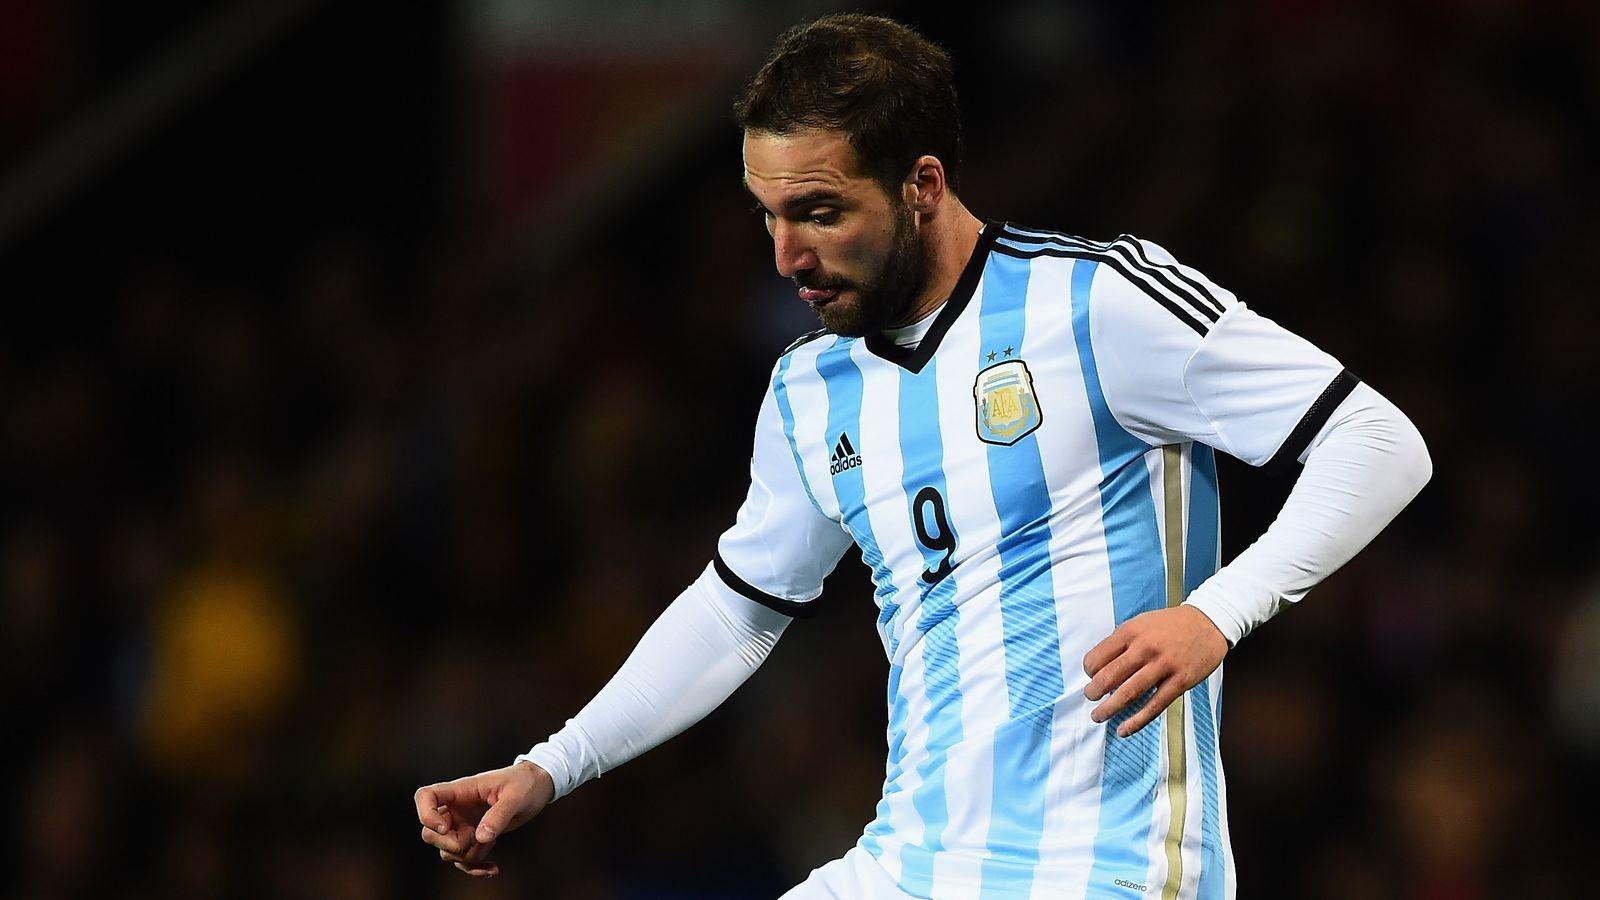 Агуэро: после договора с«Сити» планирую вернуться в«Индепендьенте»